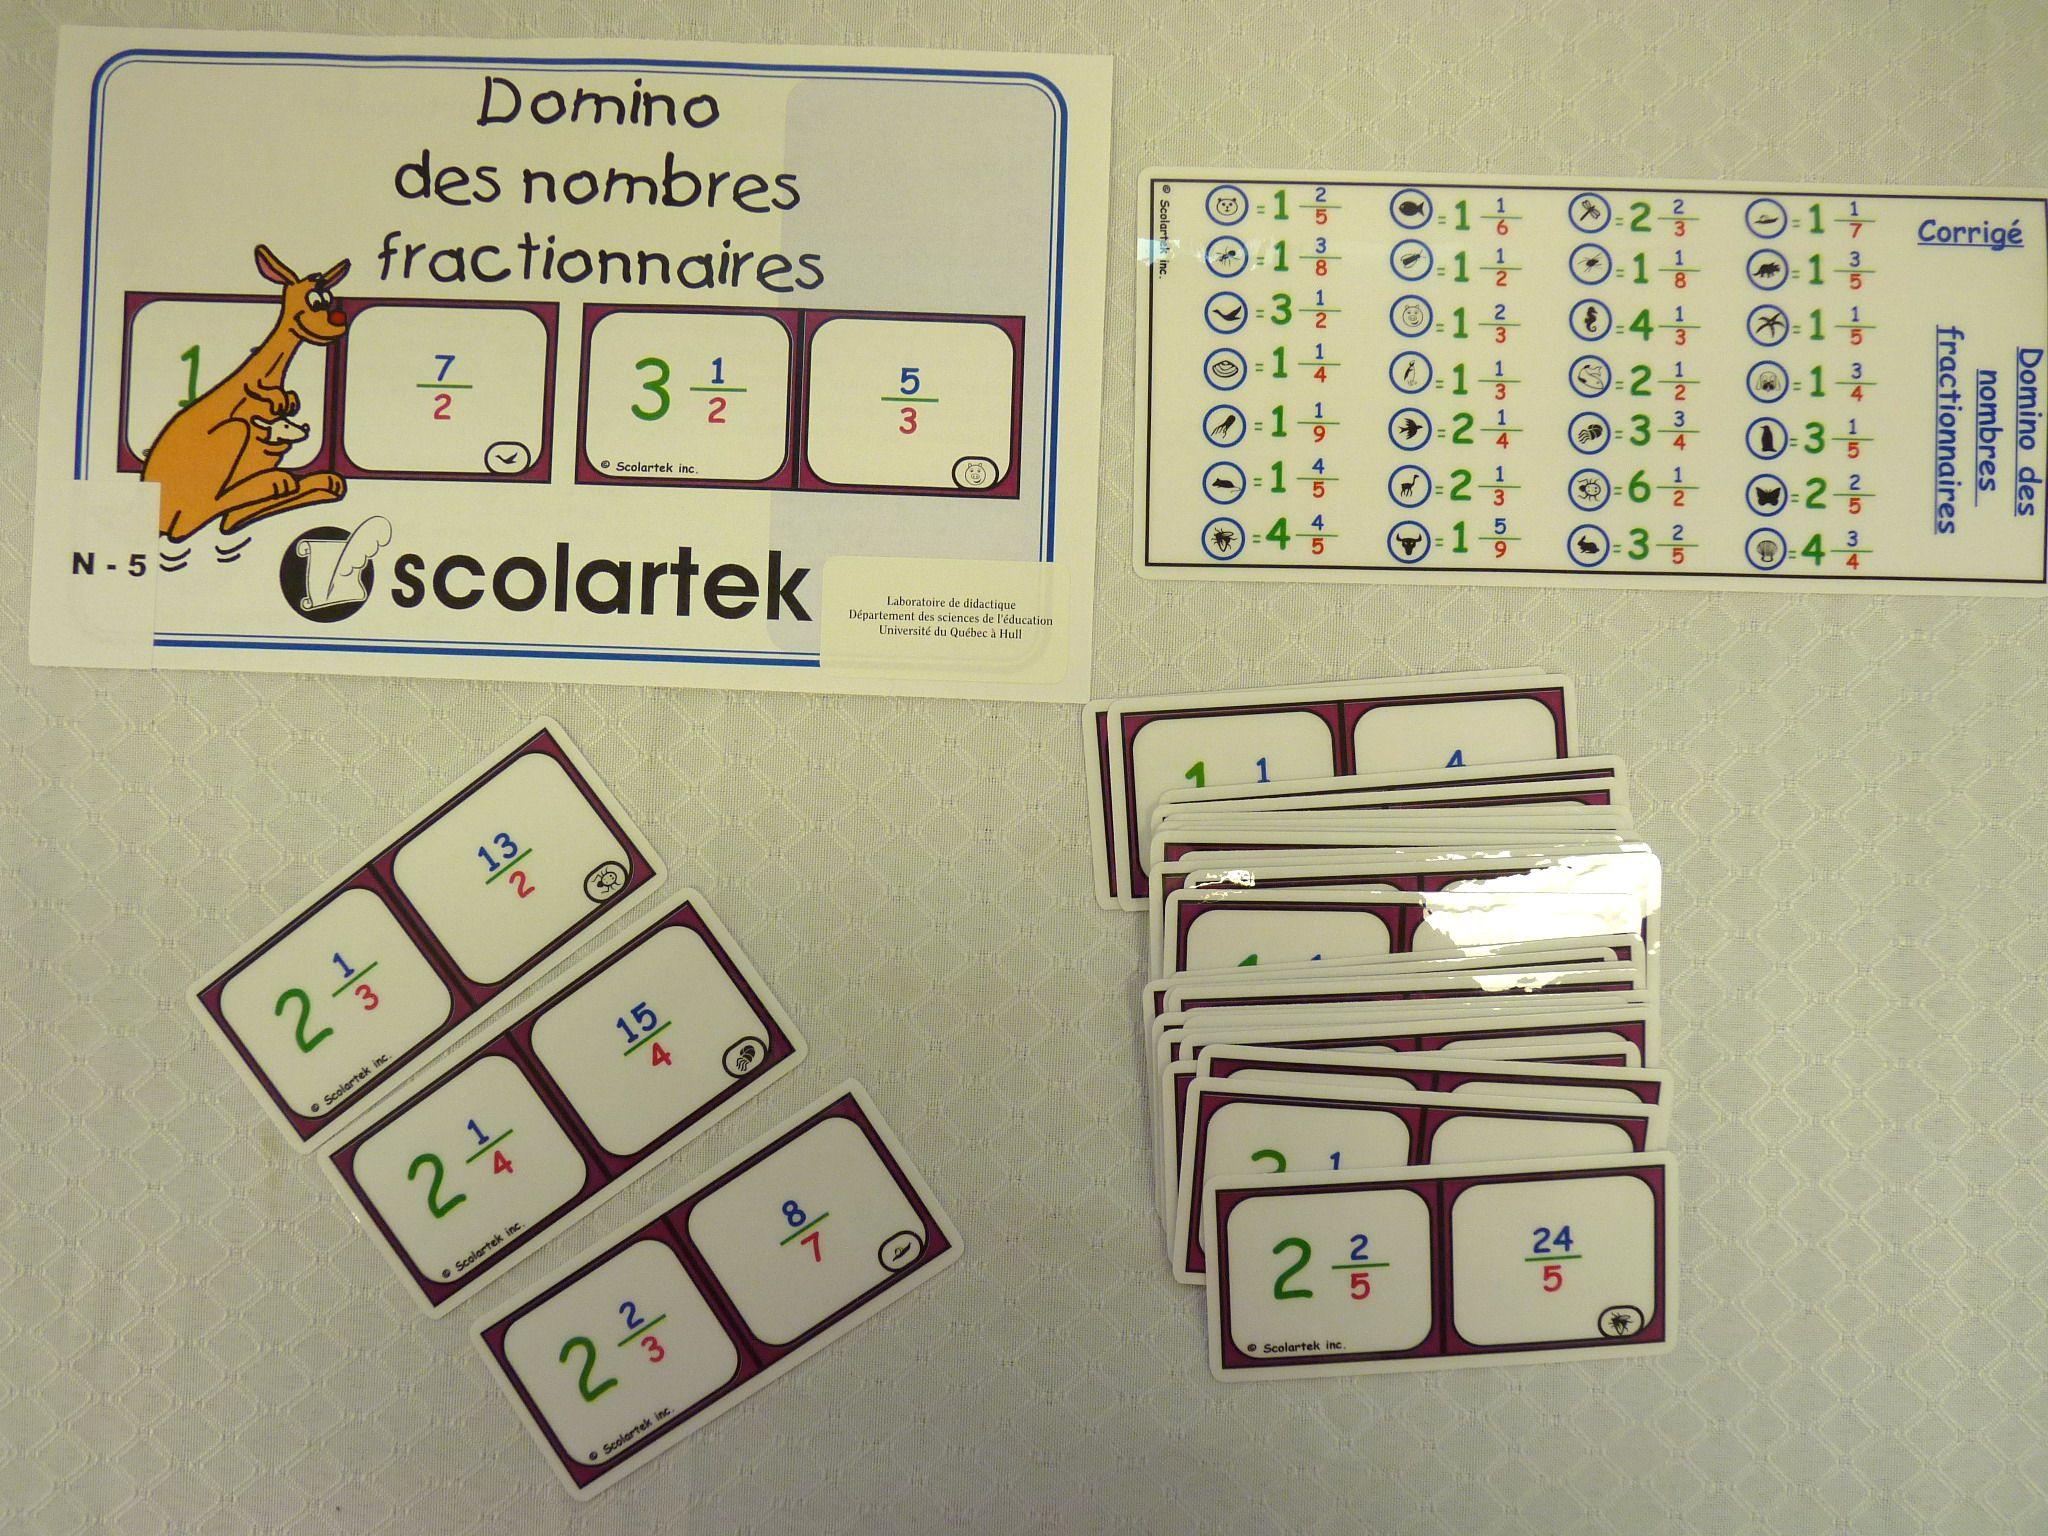 Titre: Domino Des Nombres Fractionnaires Cote: Jeu 3050 intérieur Jeu Du Domino